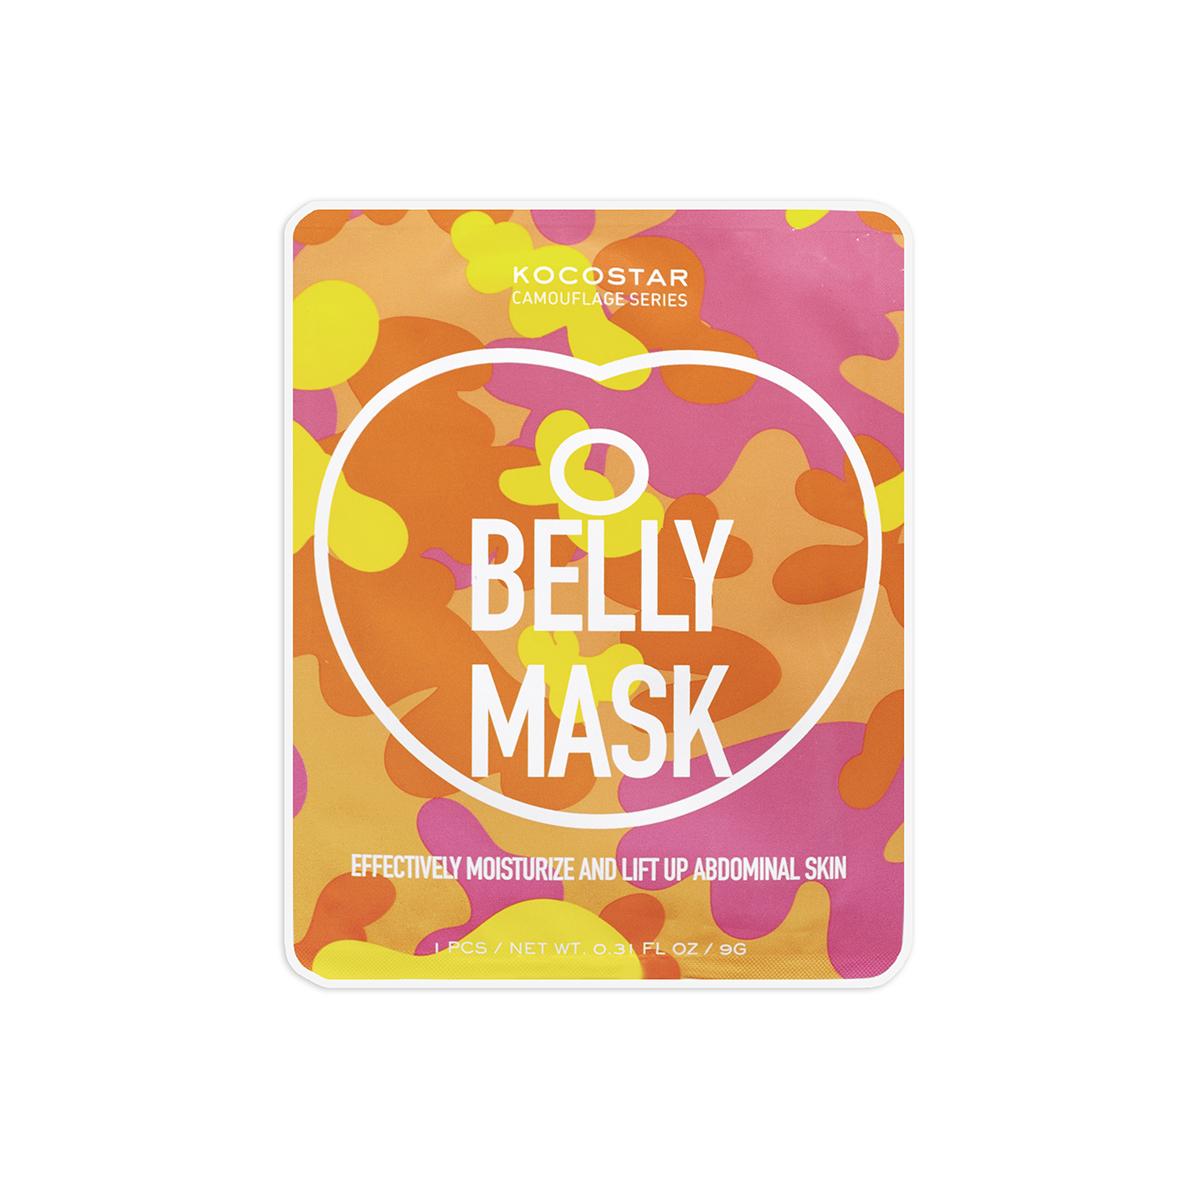 Купить KOCOSTAR Маска для живота с термо эффектом для похудения / Camouflage Belly Mask 9 г